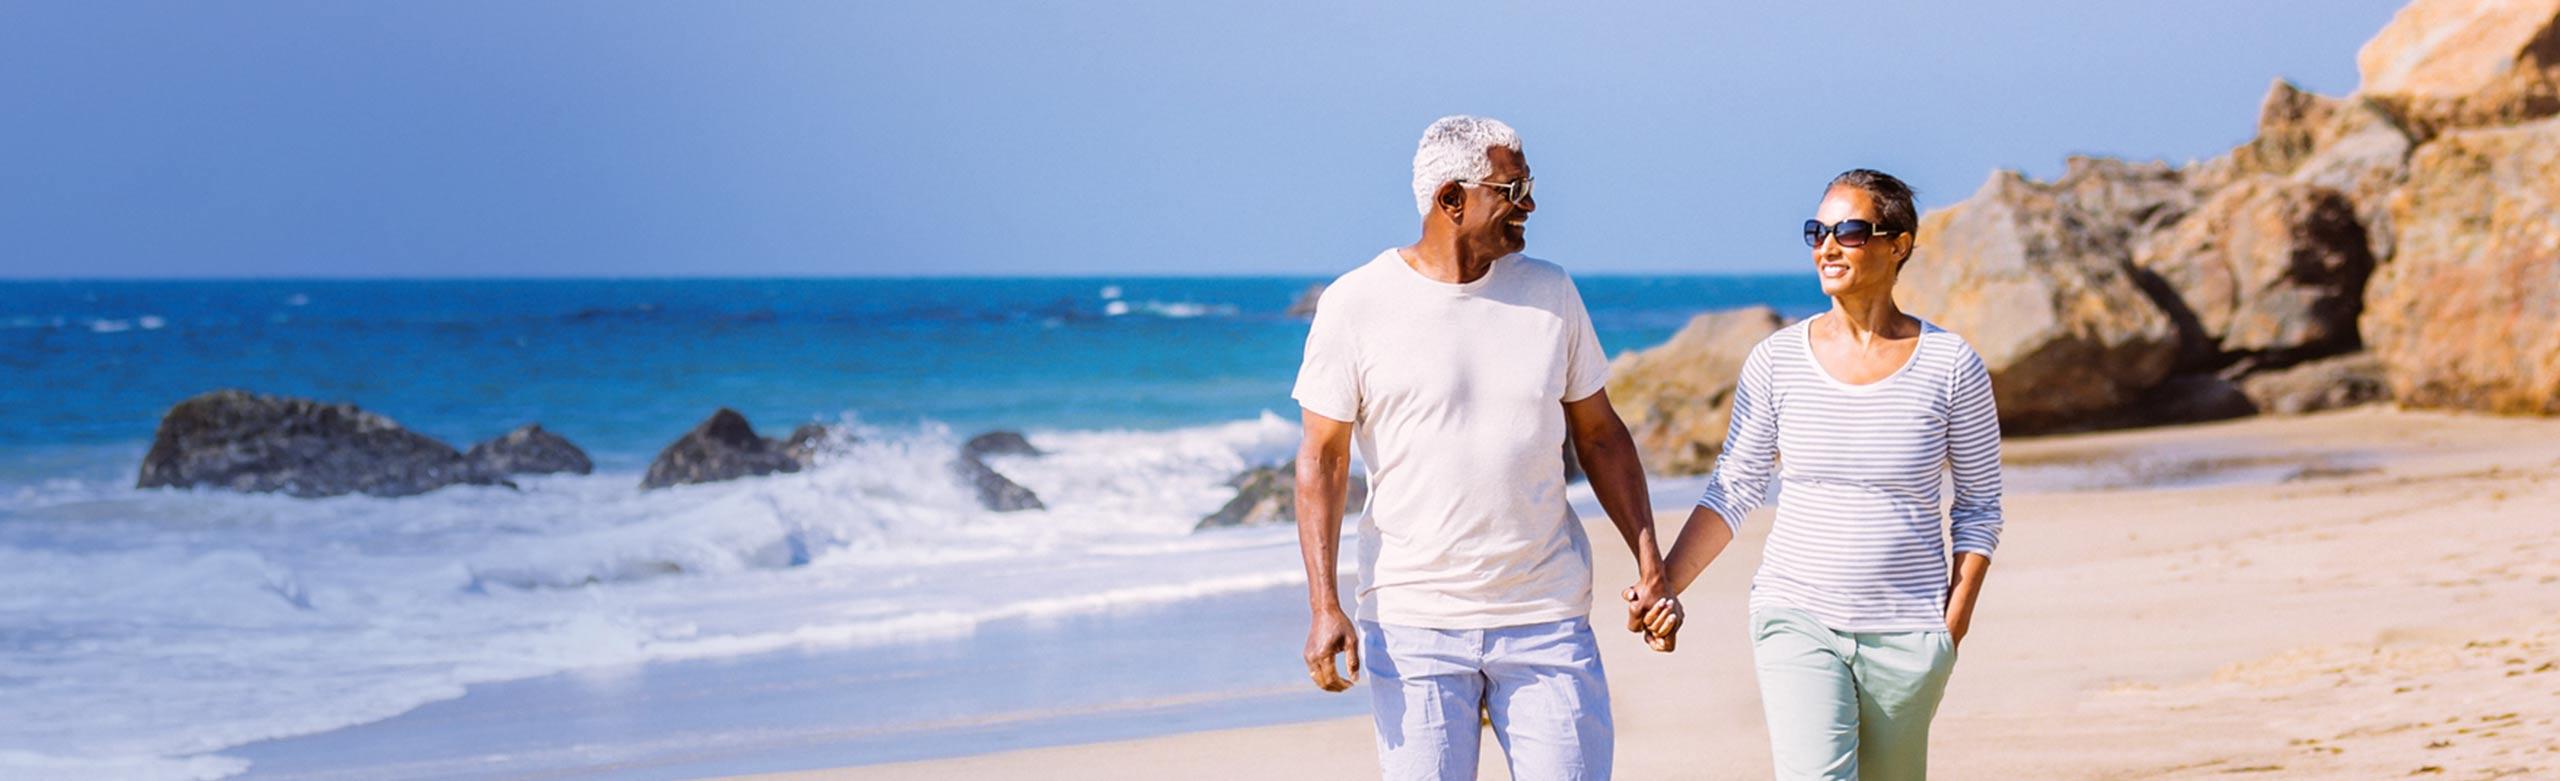 손 잡고 해변에서 걷고 있는 노부부